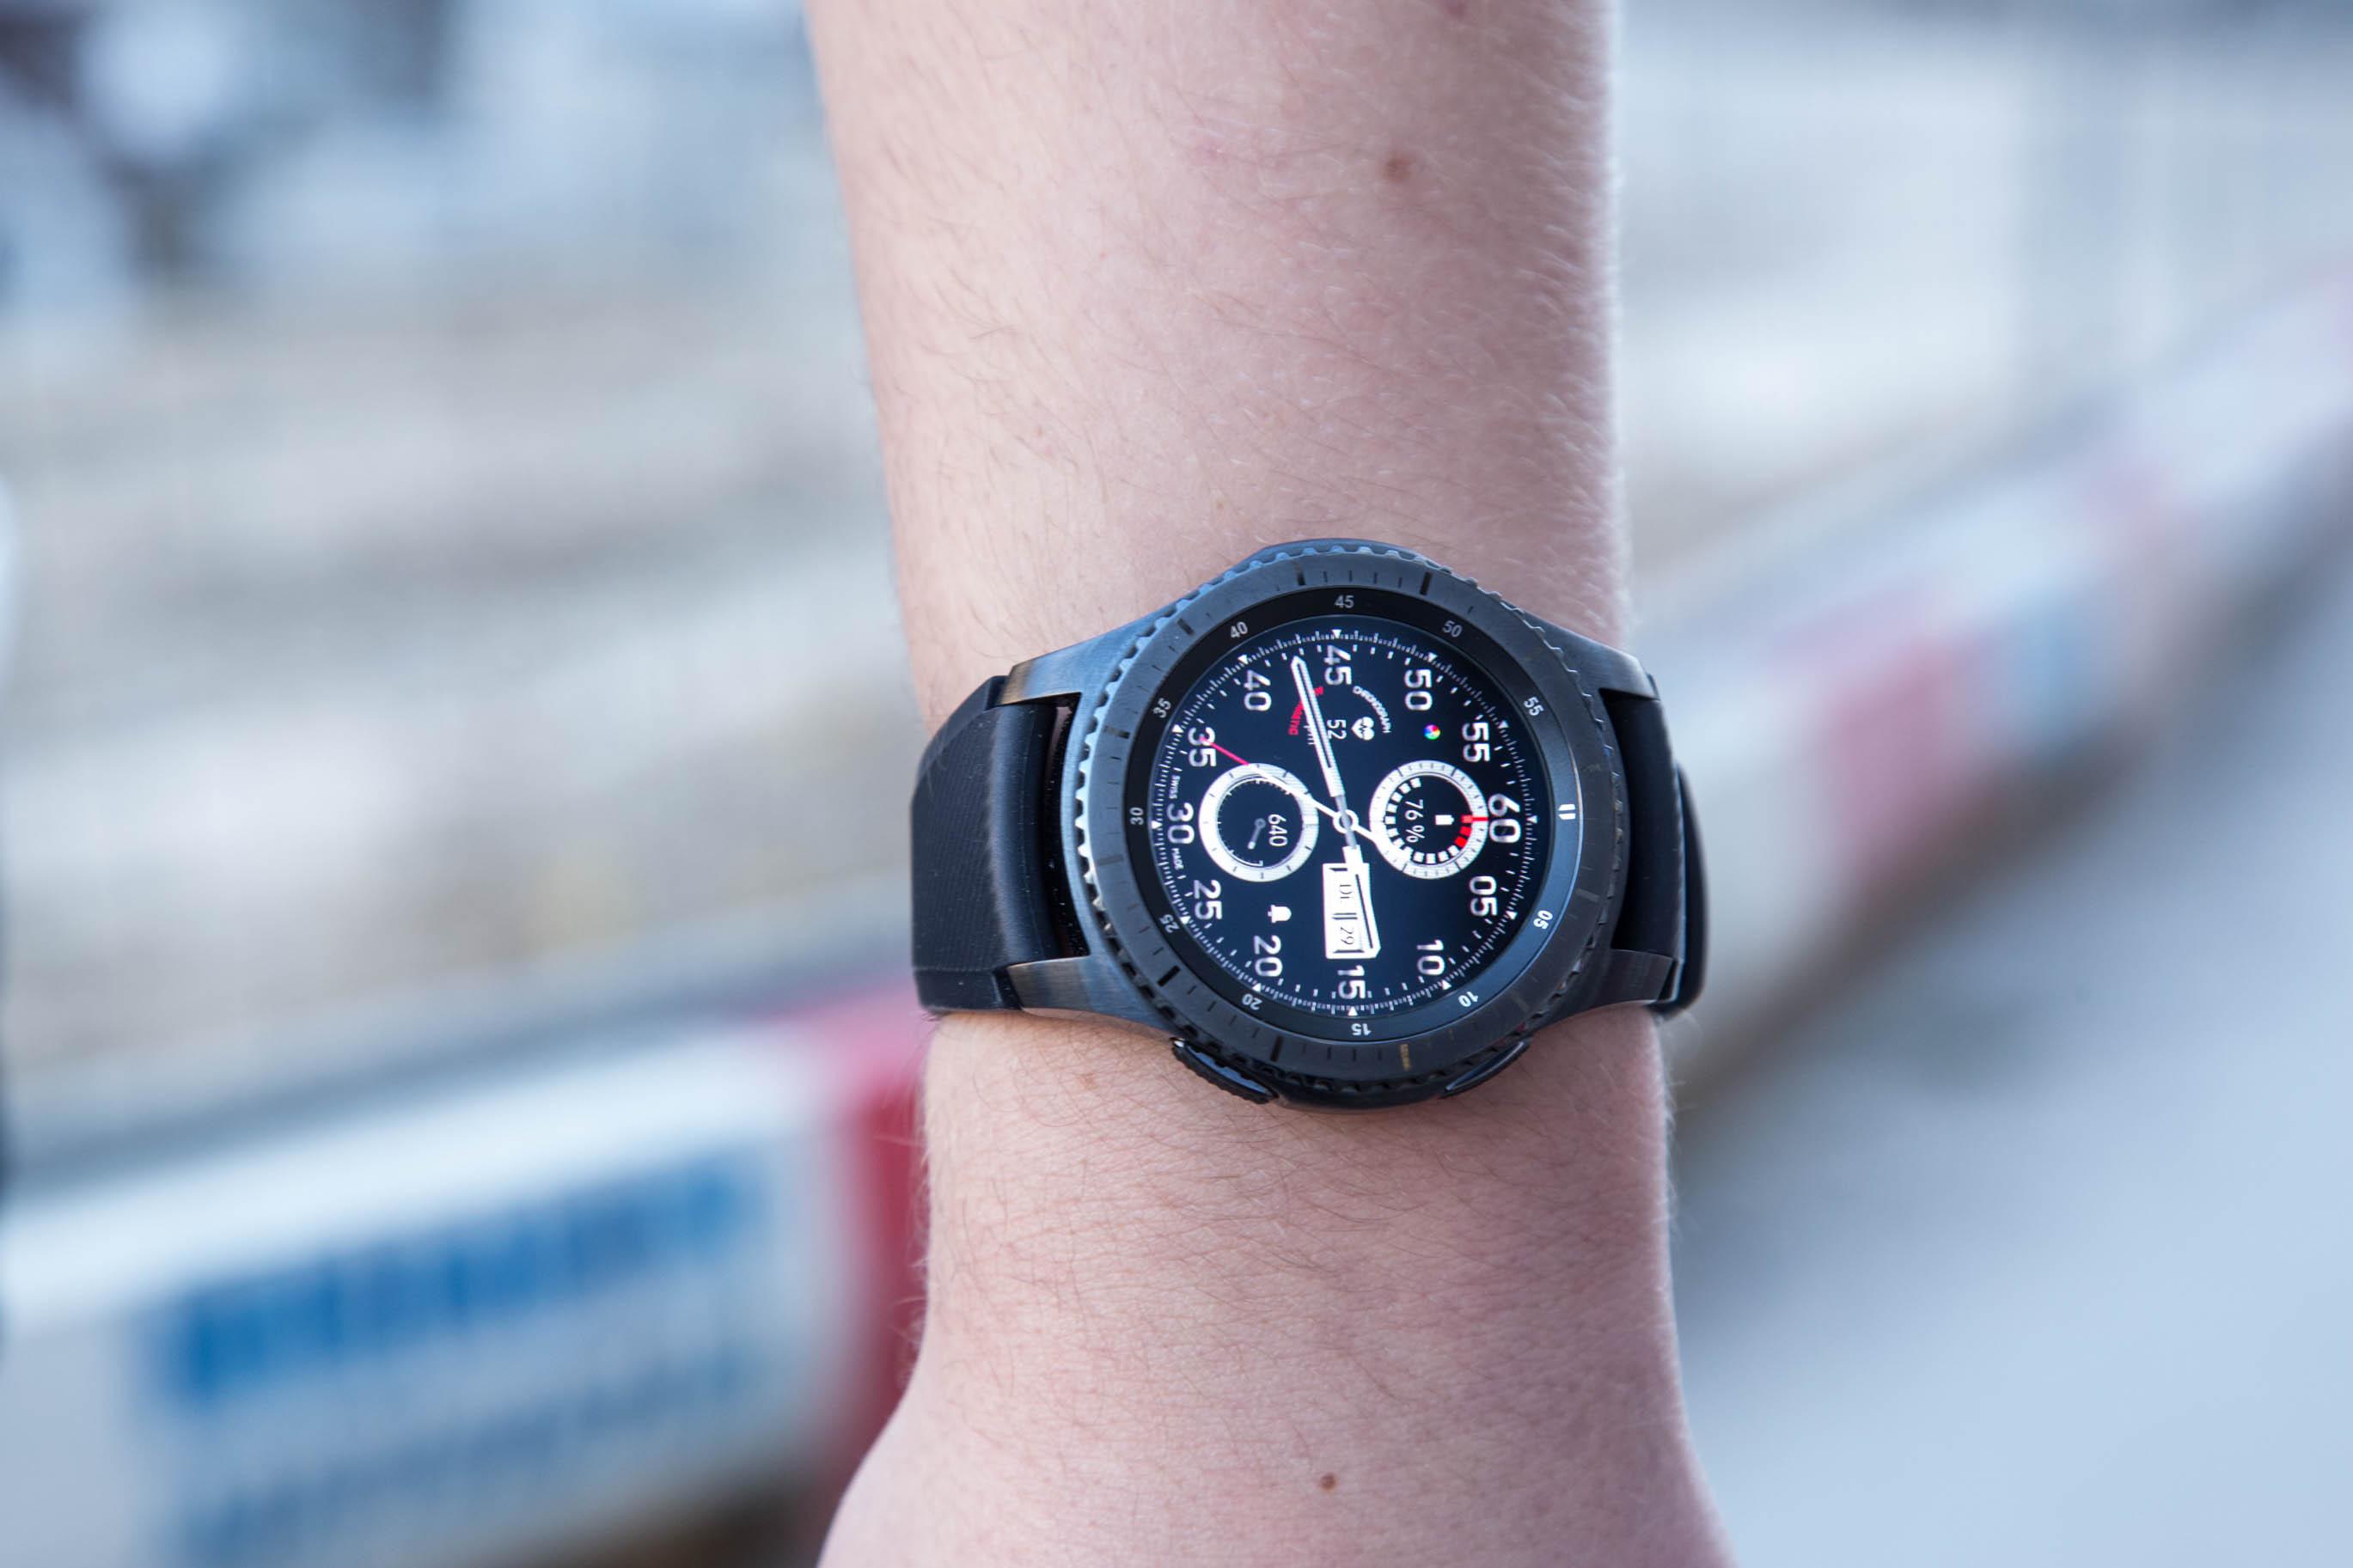 Gear S3 im Test: Großes Display, großer Akku, große Uhr - Die Gear S3 am Handgelenk (Bild: Martin Wolf/Golem.de)